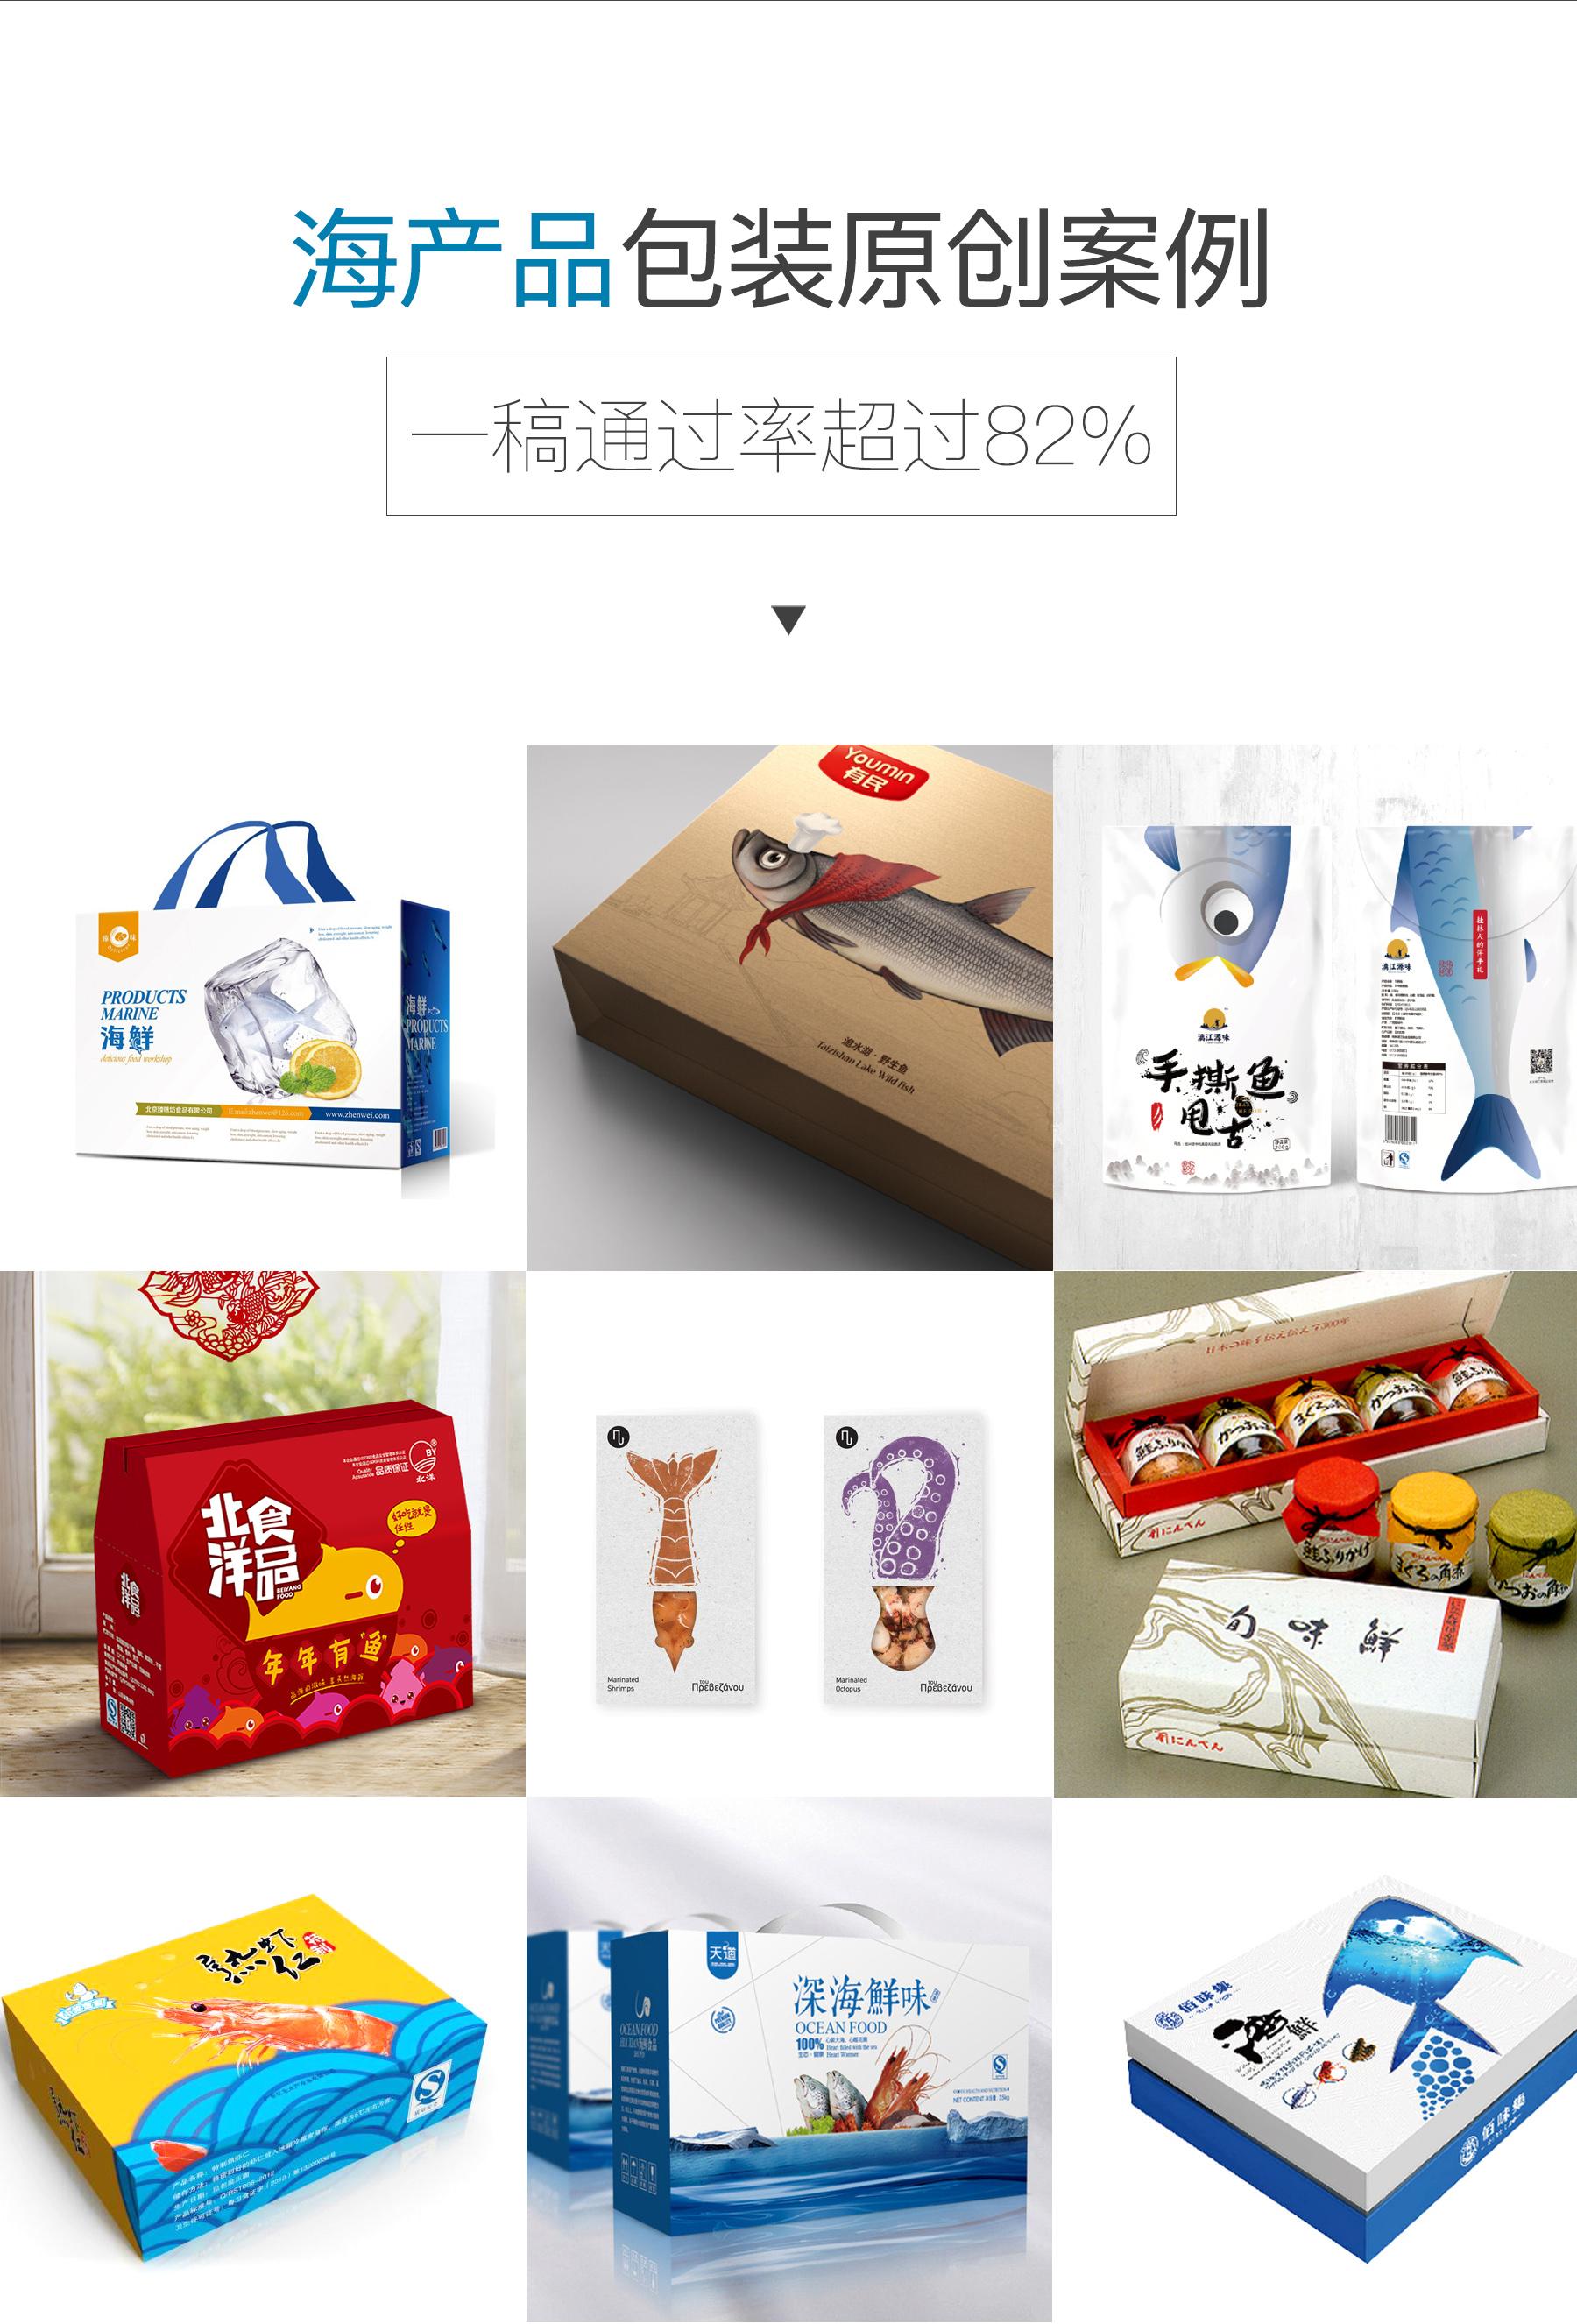 包装设计_【包装】食品酒水茶饮料红酒保健品农产品礼盒母婴原创包装设计6